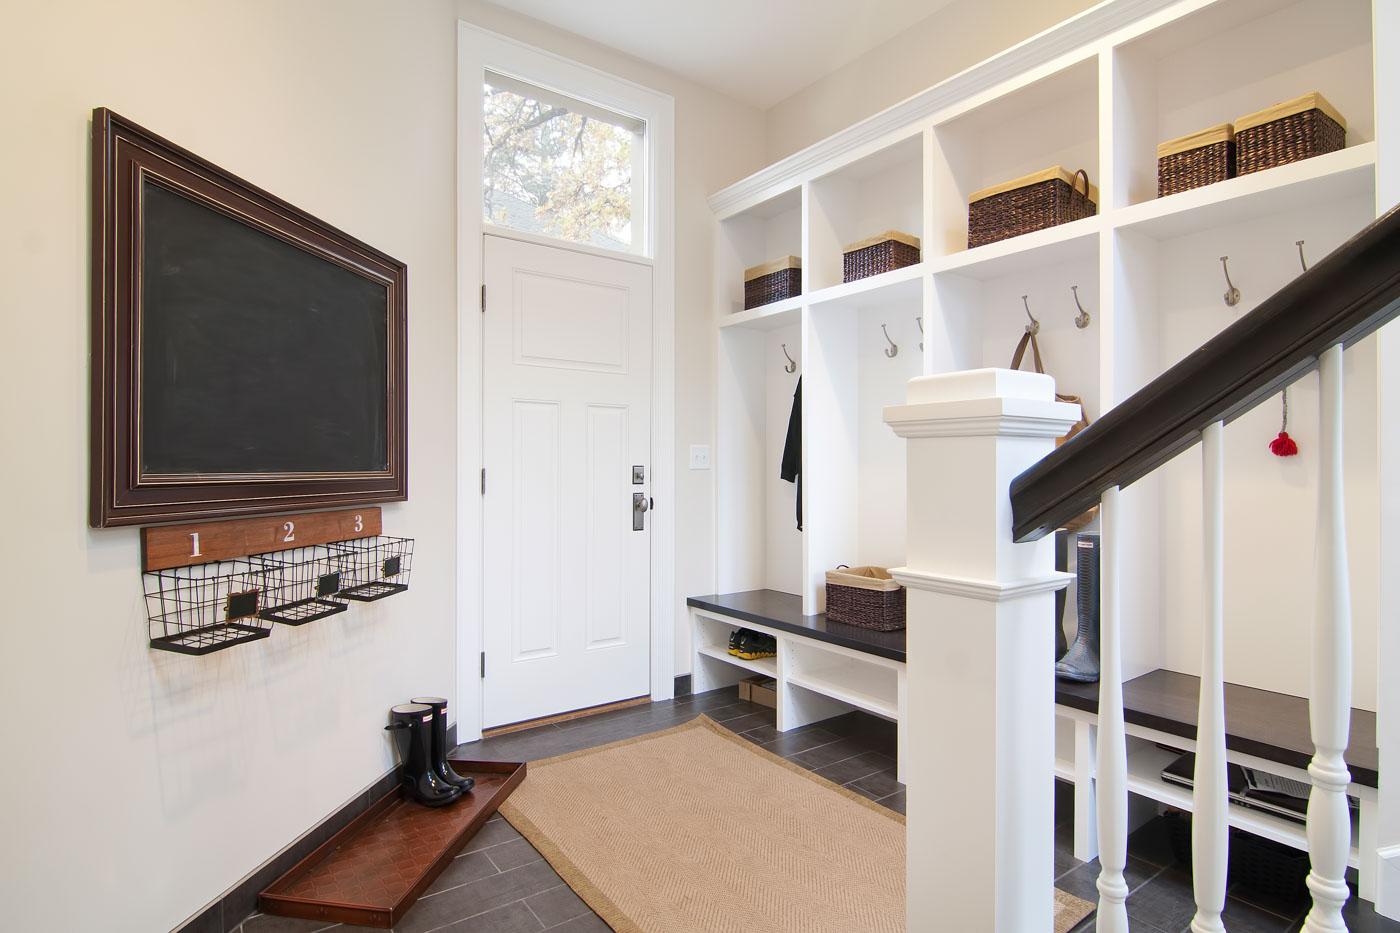 Interior Design Minneapolis The Most Impressive Home Design